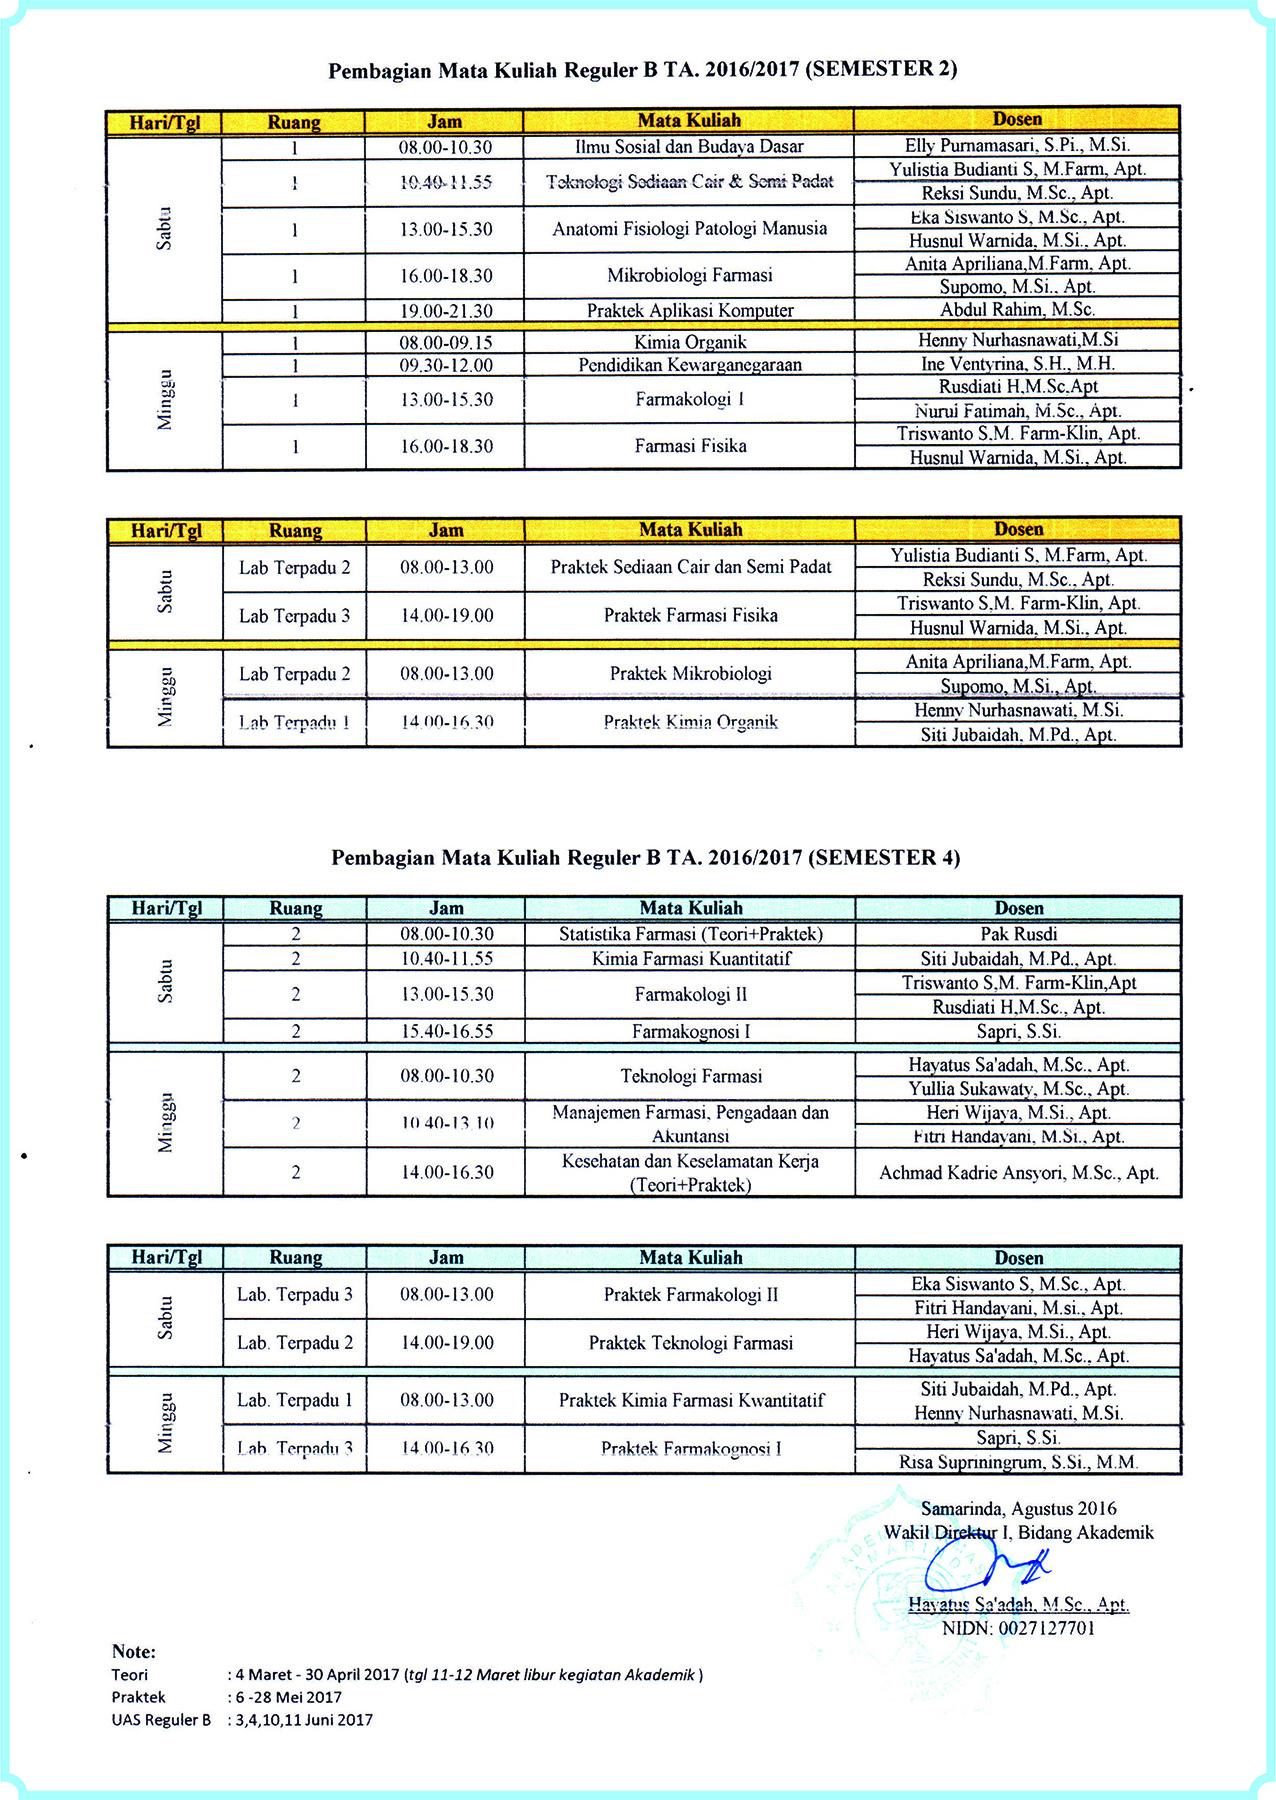 Jadwal Matkul Reg B T.A 2016_2017